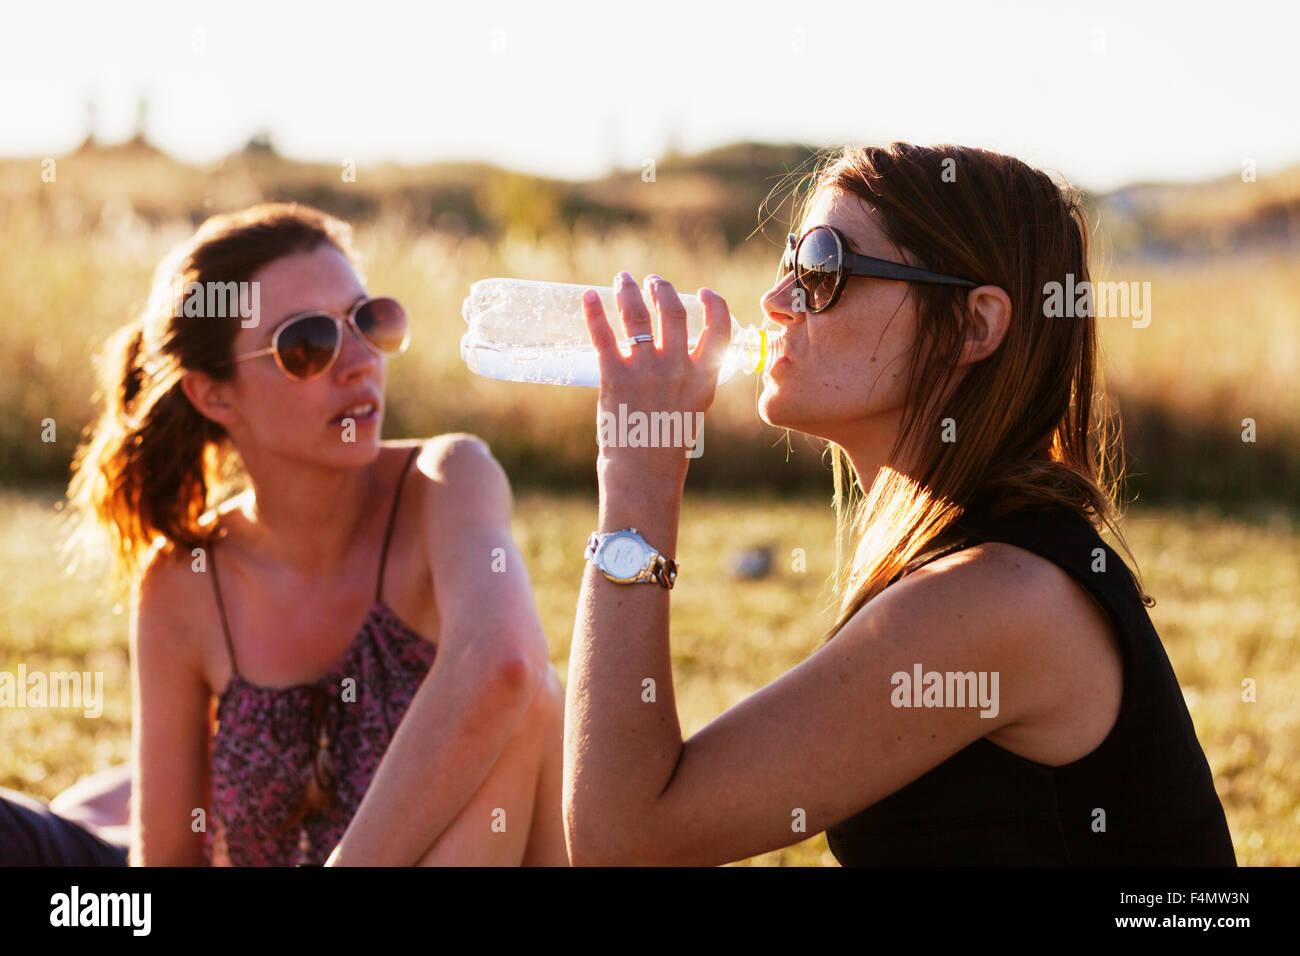 Donna seduta da amico e acqua potabile sul campo Immagini Stock